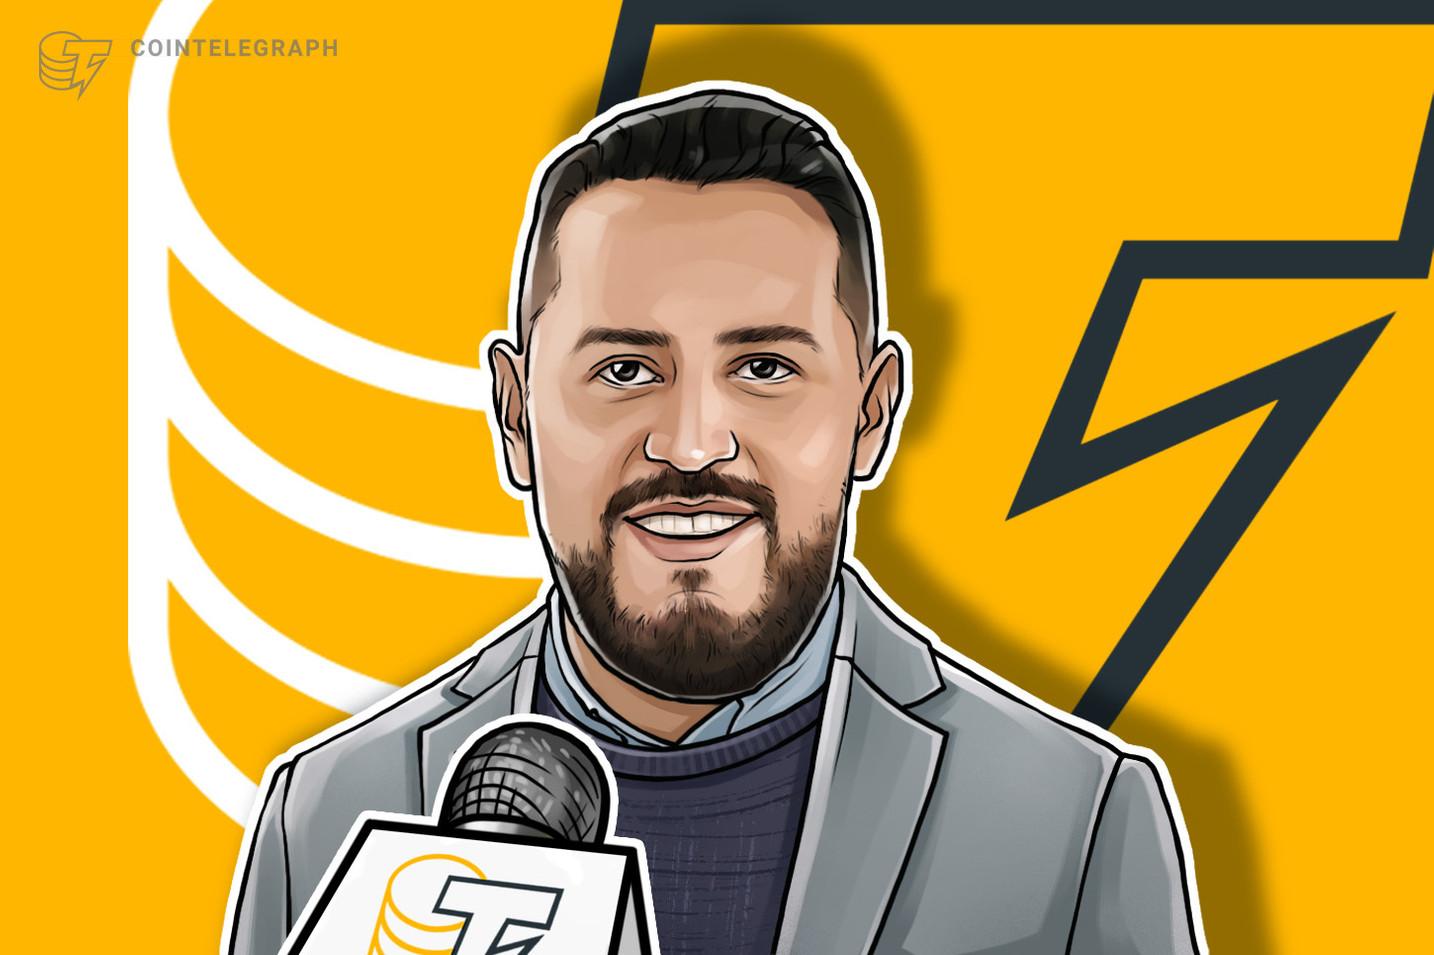 """Co-fundador de Capitalika: """"Existe un gran potencial de crecimiento de Bitcoin y las criptomonedas en Latinoamérica"""""""